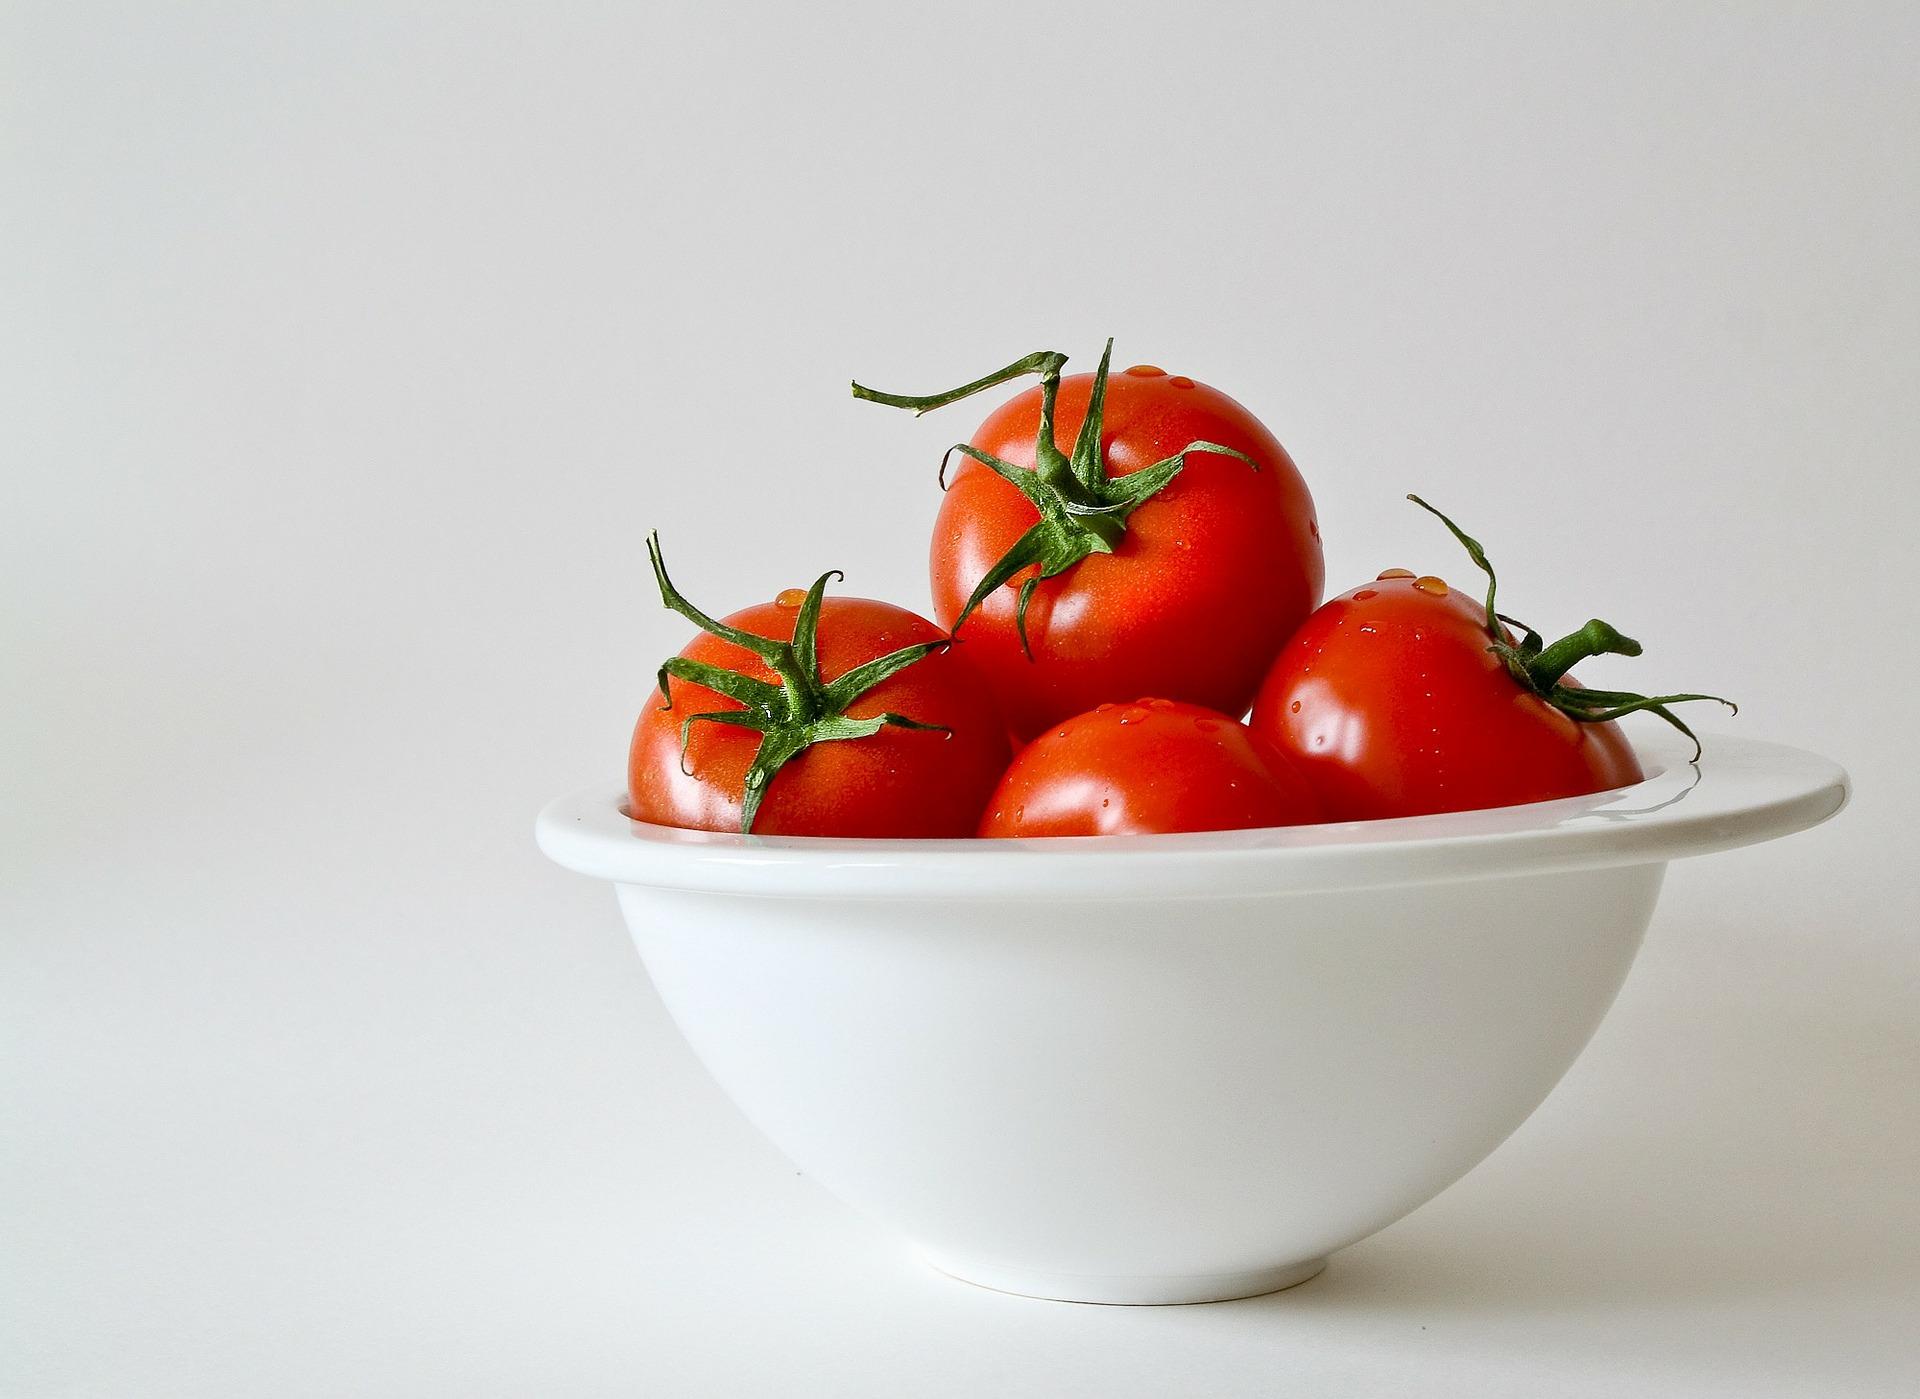 Rajčata a zajímavosti o nich – co možná nevíte? 2